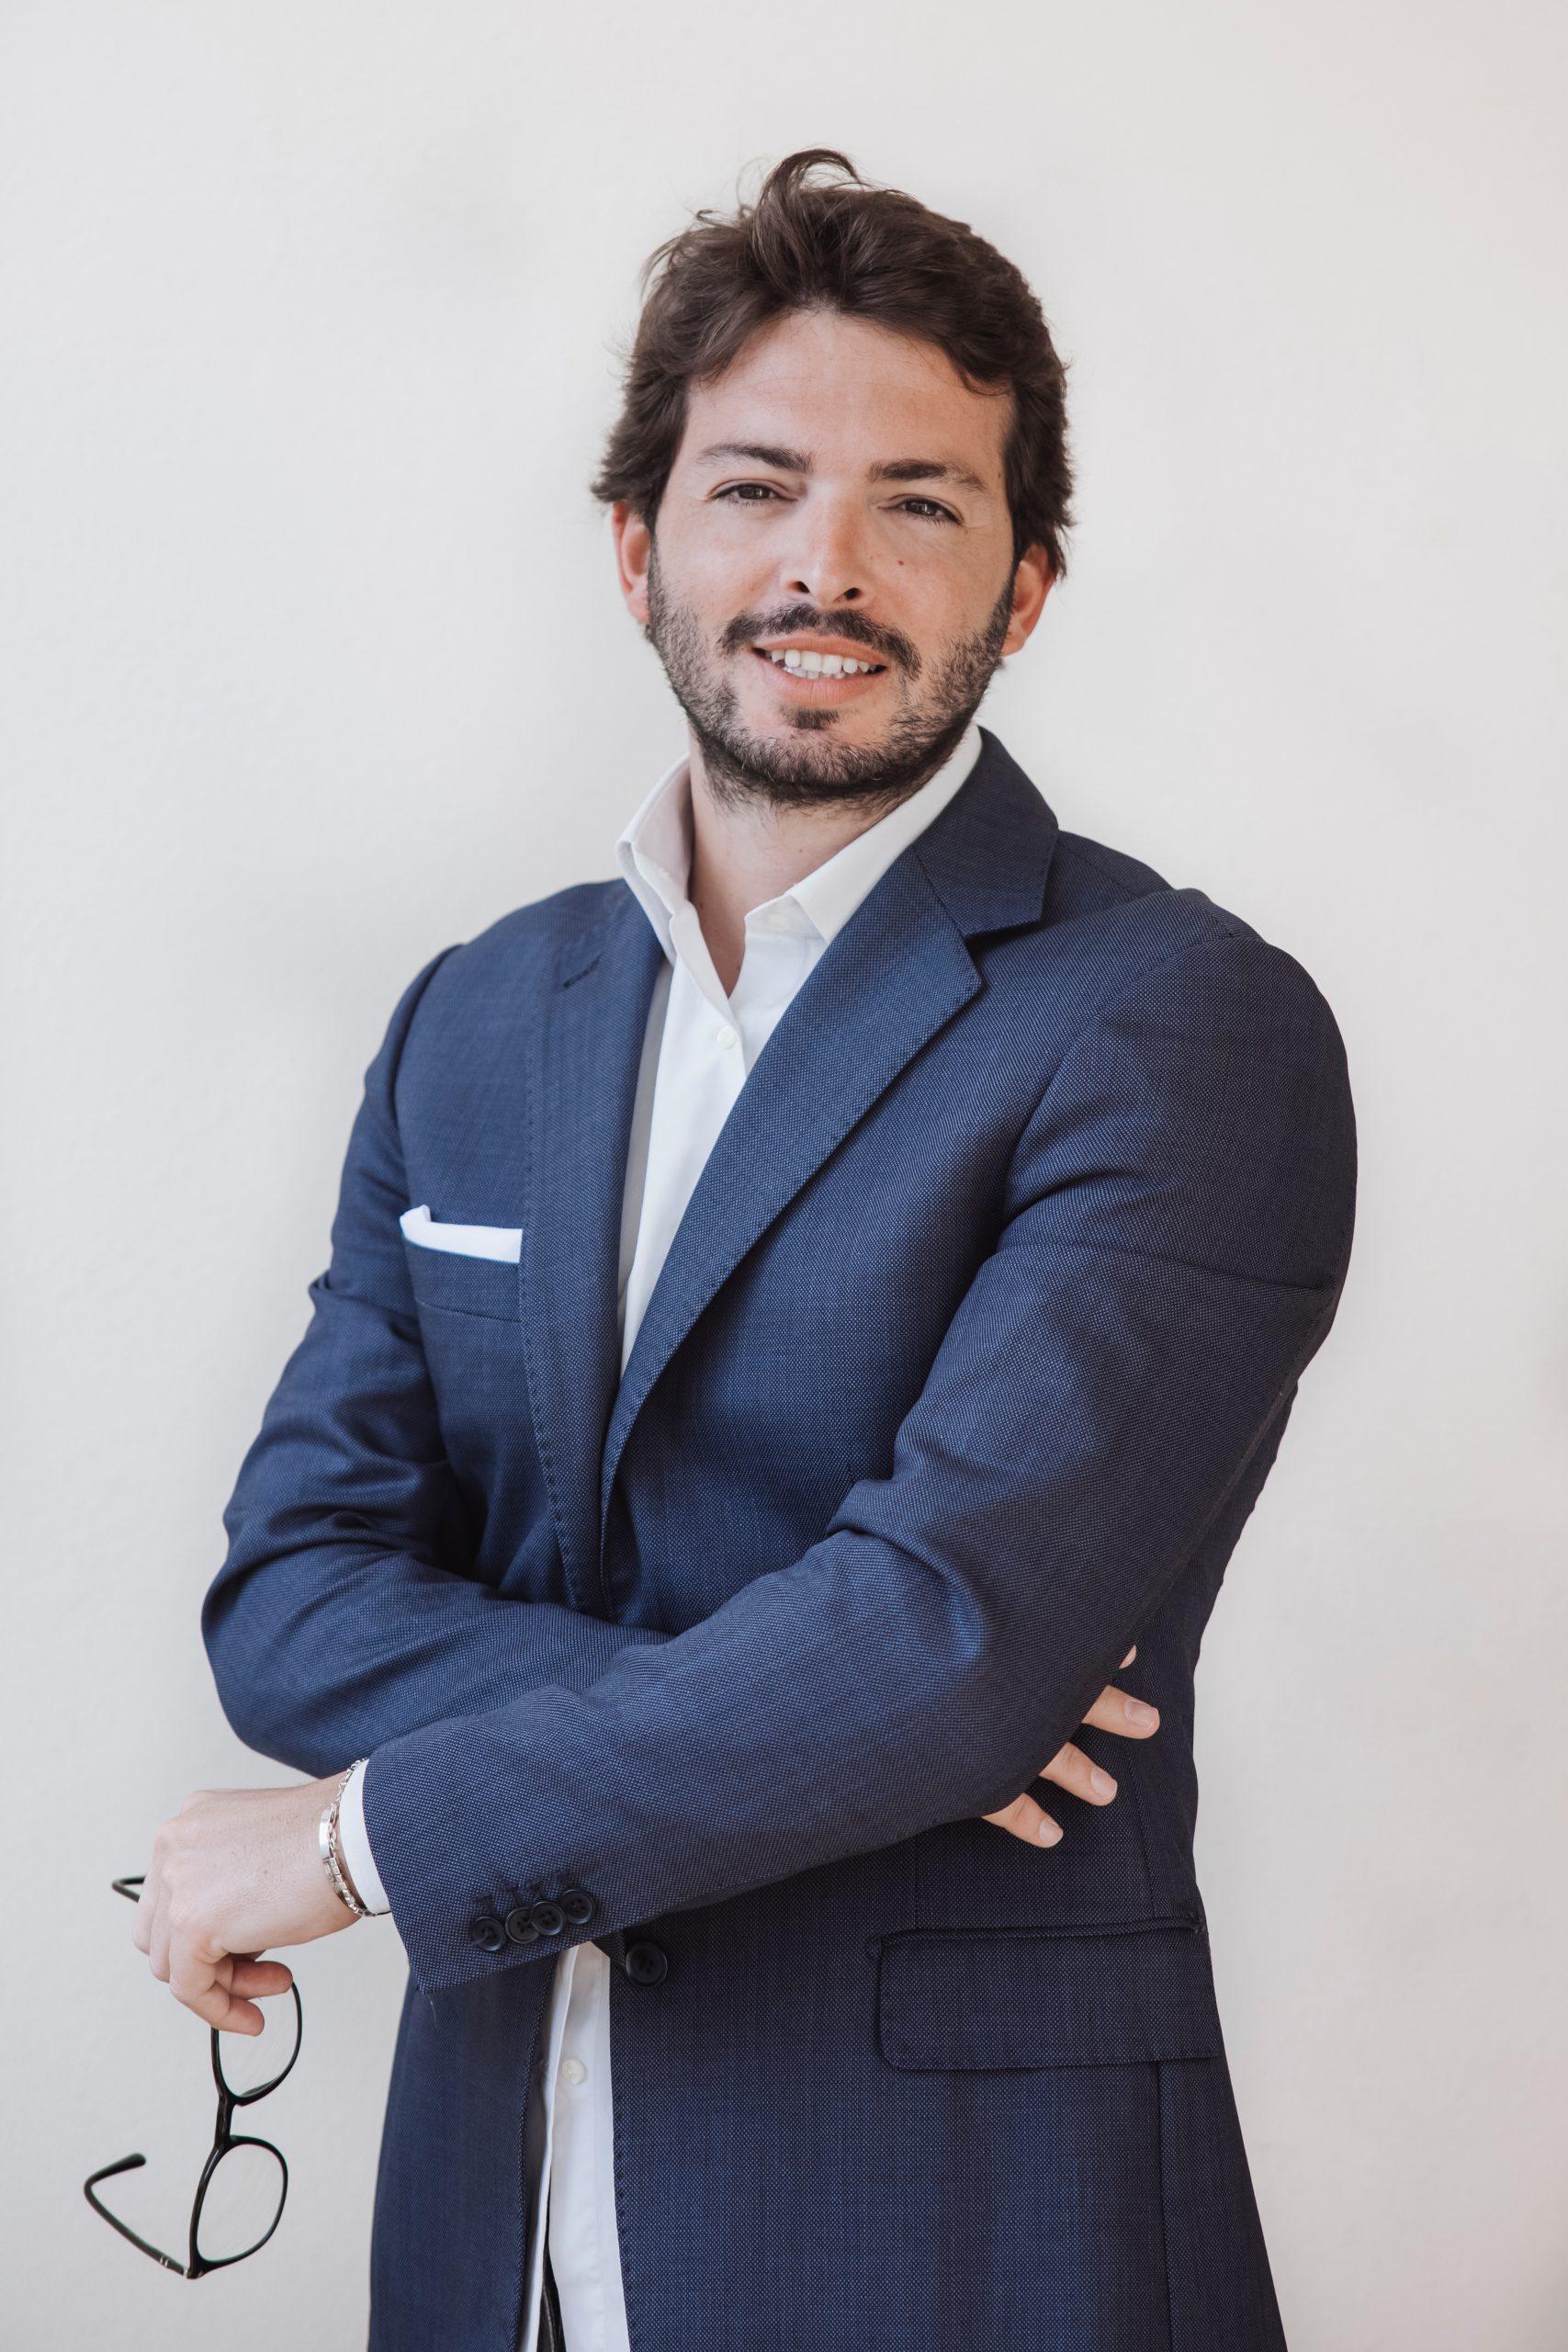 Giuseppe Morvillo, Founder & Communication Manager